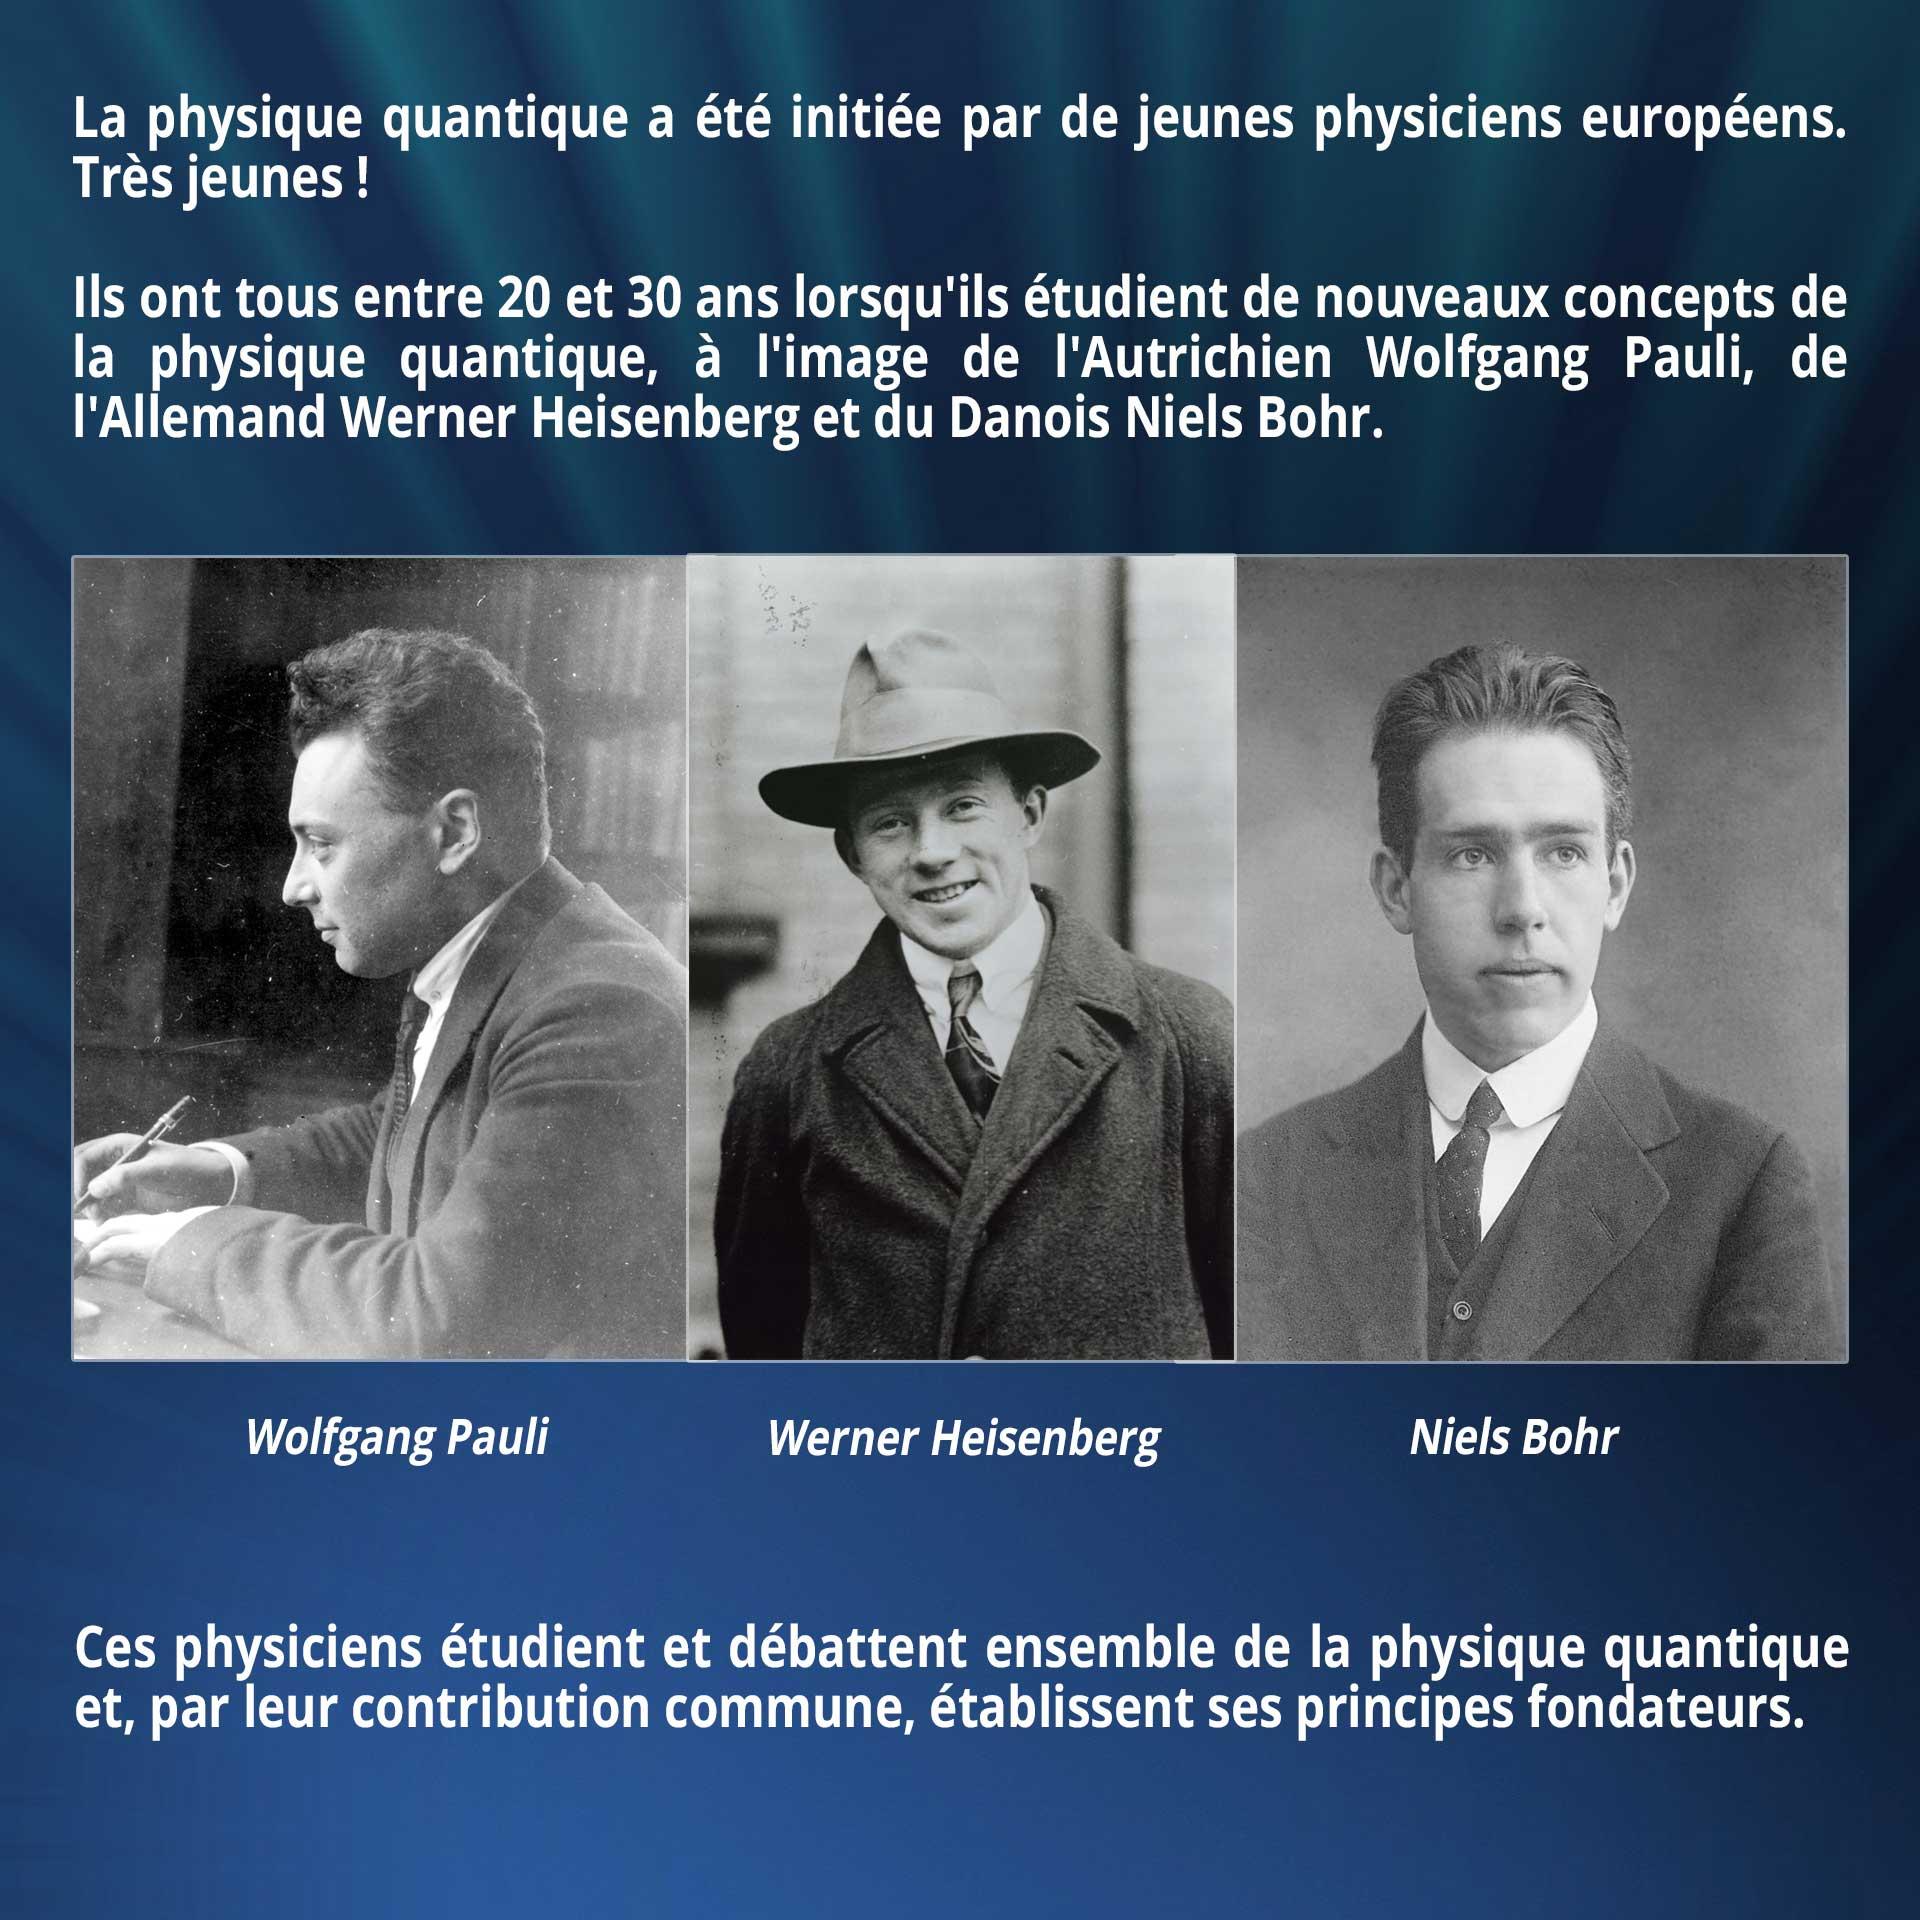 La physique quantique a été initiée par de jeunes physiciens européens. Très jeunes. Ils ont tous entre 20 et 30 ans lorsqu'ils étudient de nouveaux concepts de la physique quantique, à l'image de l'Autrichien Wolfgang Pauli, l'Allemand Werner Heisenberg et le Danois Niels Bohr. Ces physiciens étudient et débattent ensemble de la physique quantique et, par leur contribution commune, établissent ses principes fondateurs.